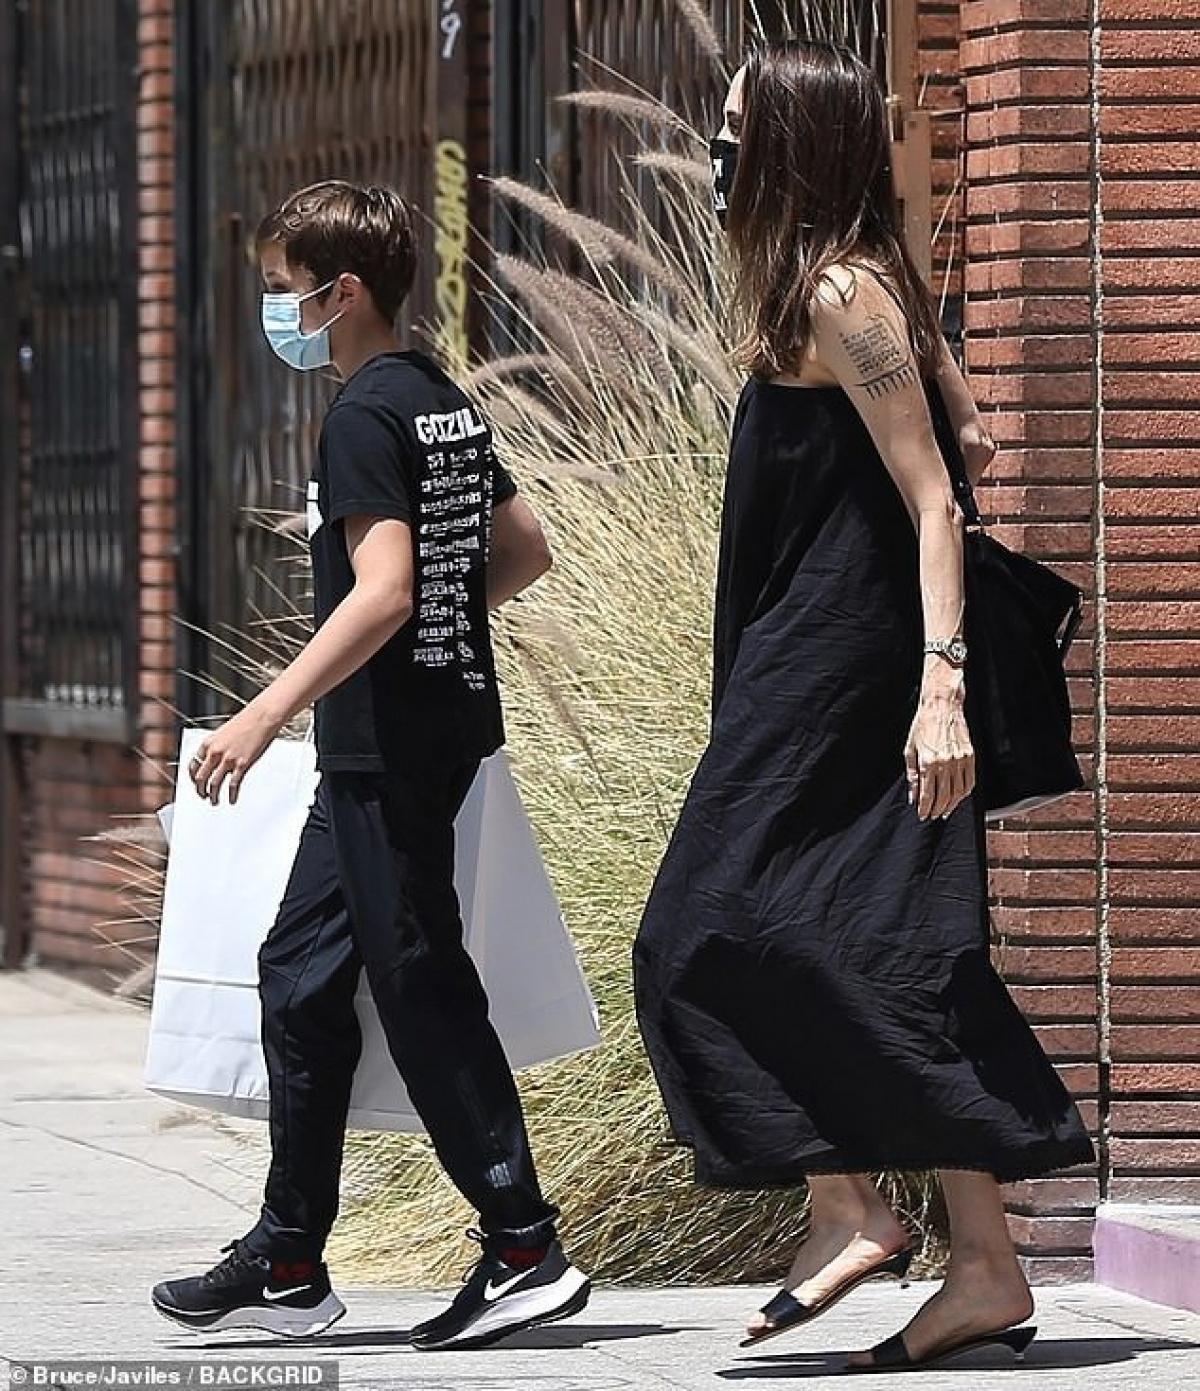 Trong cuộc phỏng vấn trước đó với tạp chí Vogue Anh, Angelina Jolie bất ngờ tiết lộ lý do thực sự khiến cô quyết định ly hôn Brad Pitt.